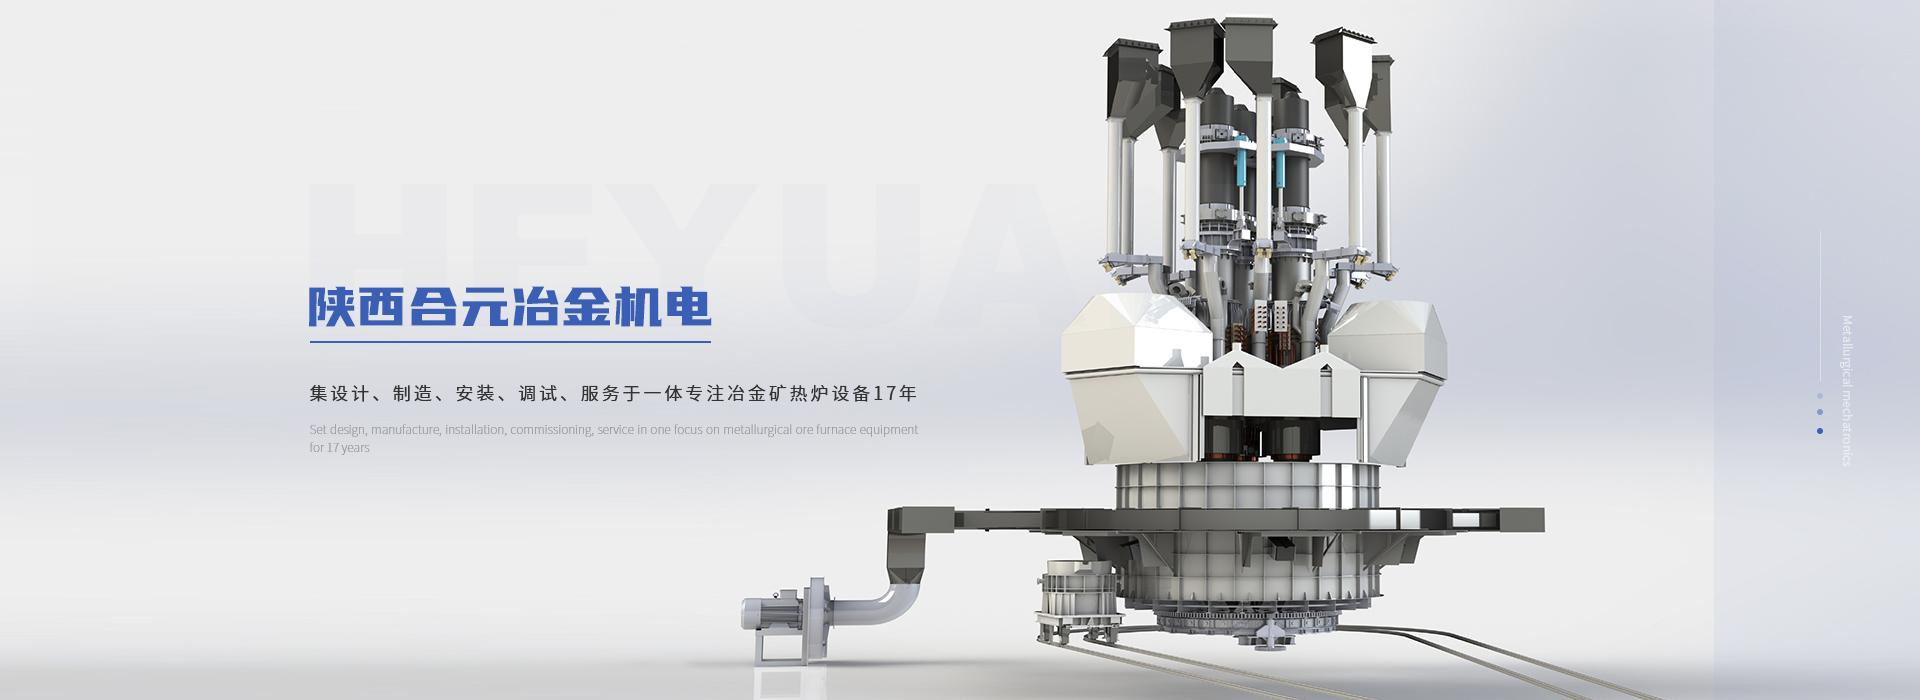 陕西工业硅炉